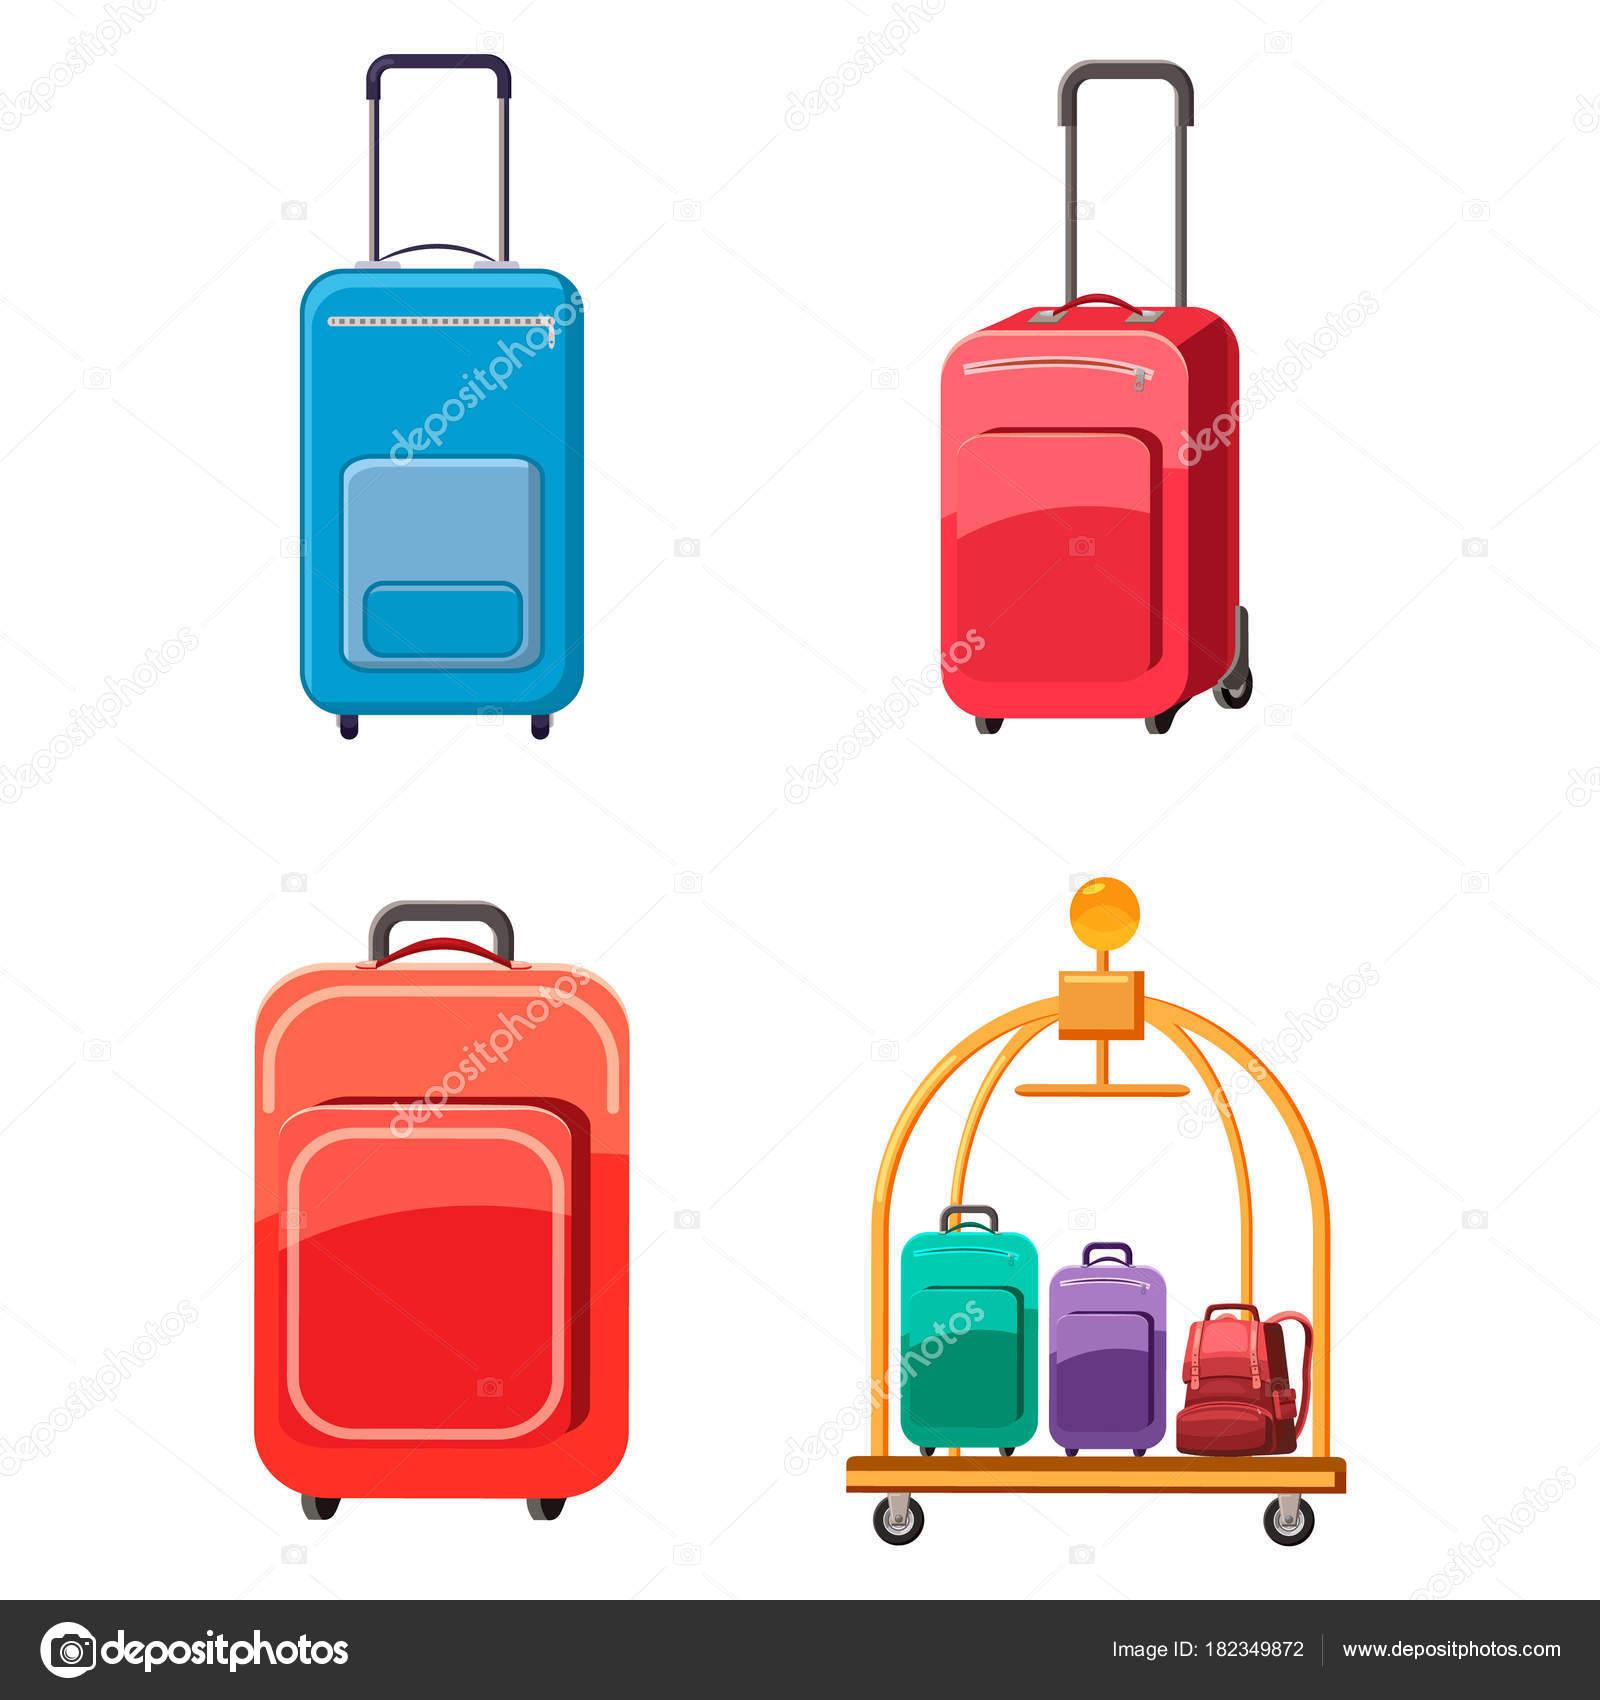 fc42da99ee Ορίστε εικονίδιο τσάντα ταξιδιού. Σετ ταξιδίου τσάντα ανυσματικά εικονίδια  για web design που απομονώνονται σε λευκό φόντο